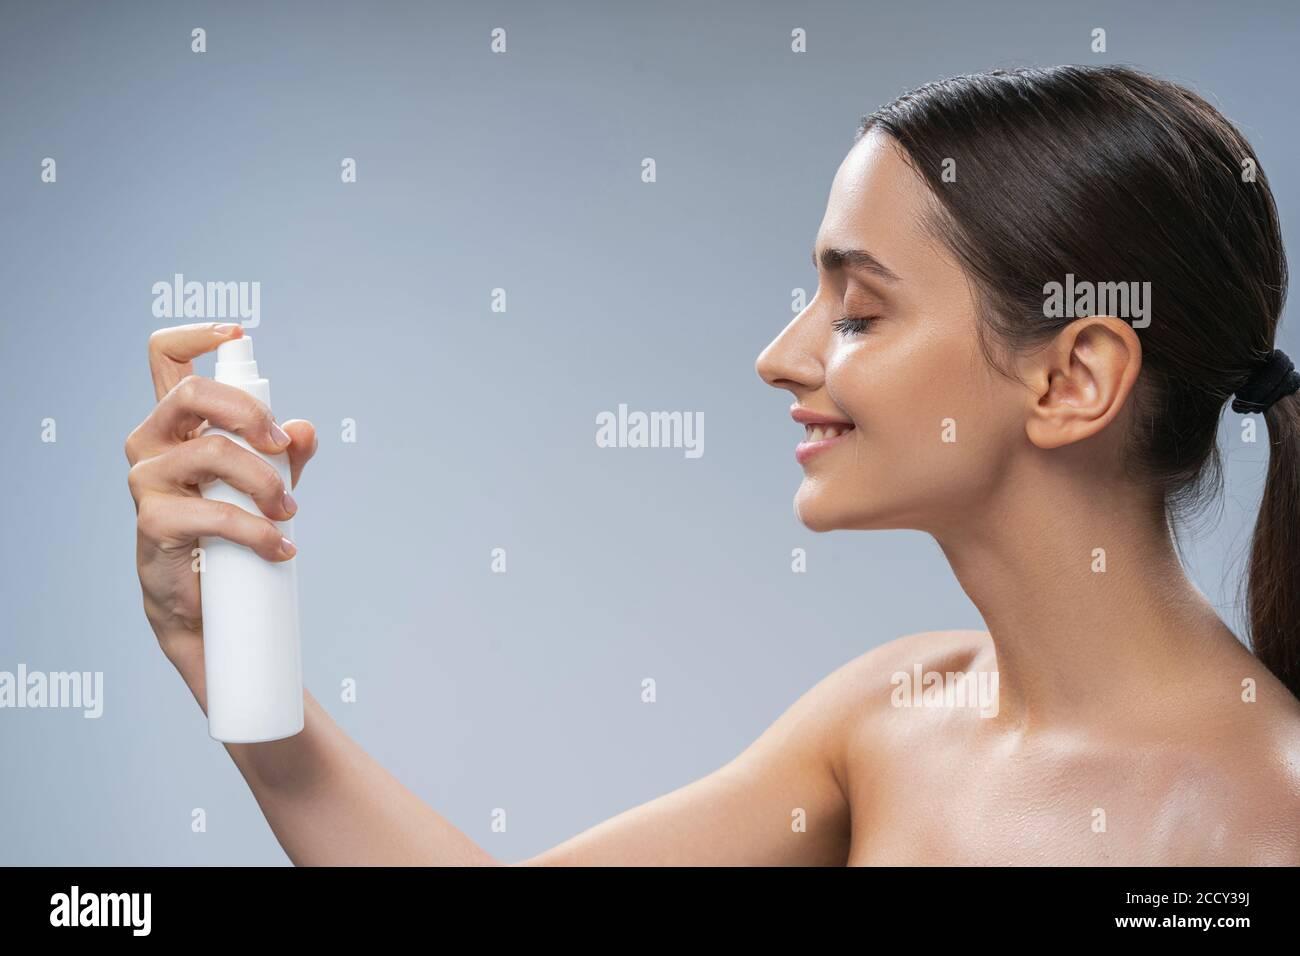 Femme pulvérisant de l'eau thermique sur sa peau Banque D'Images